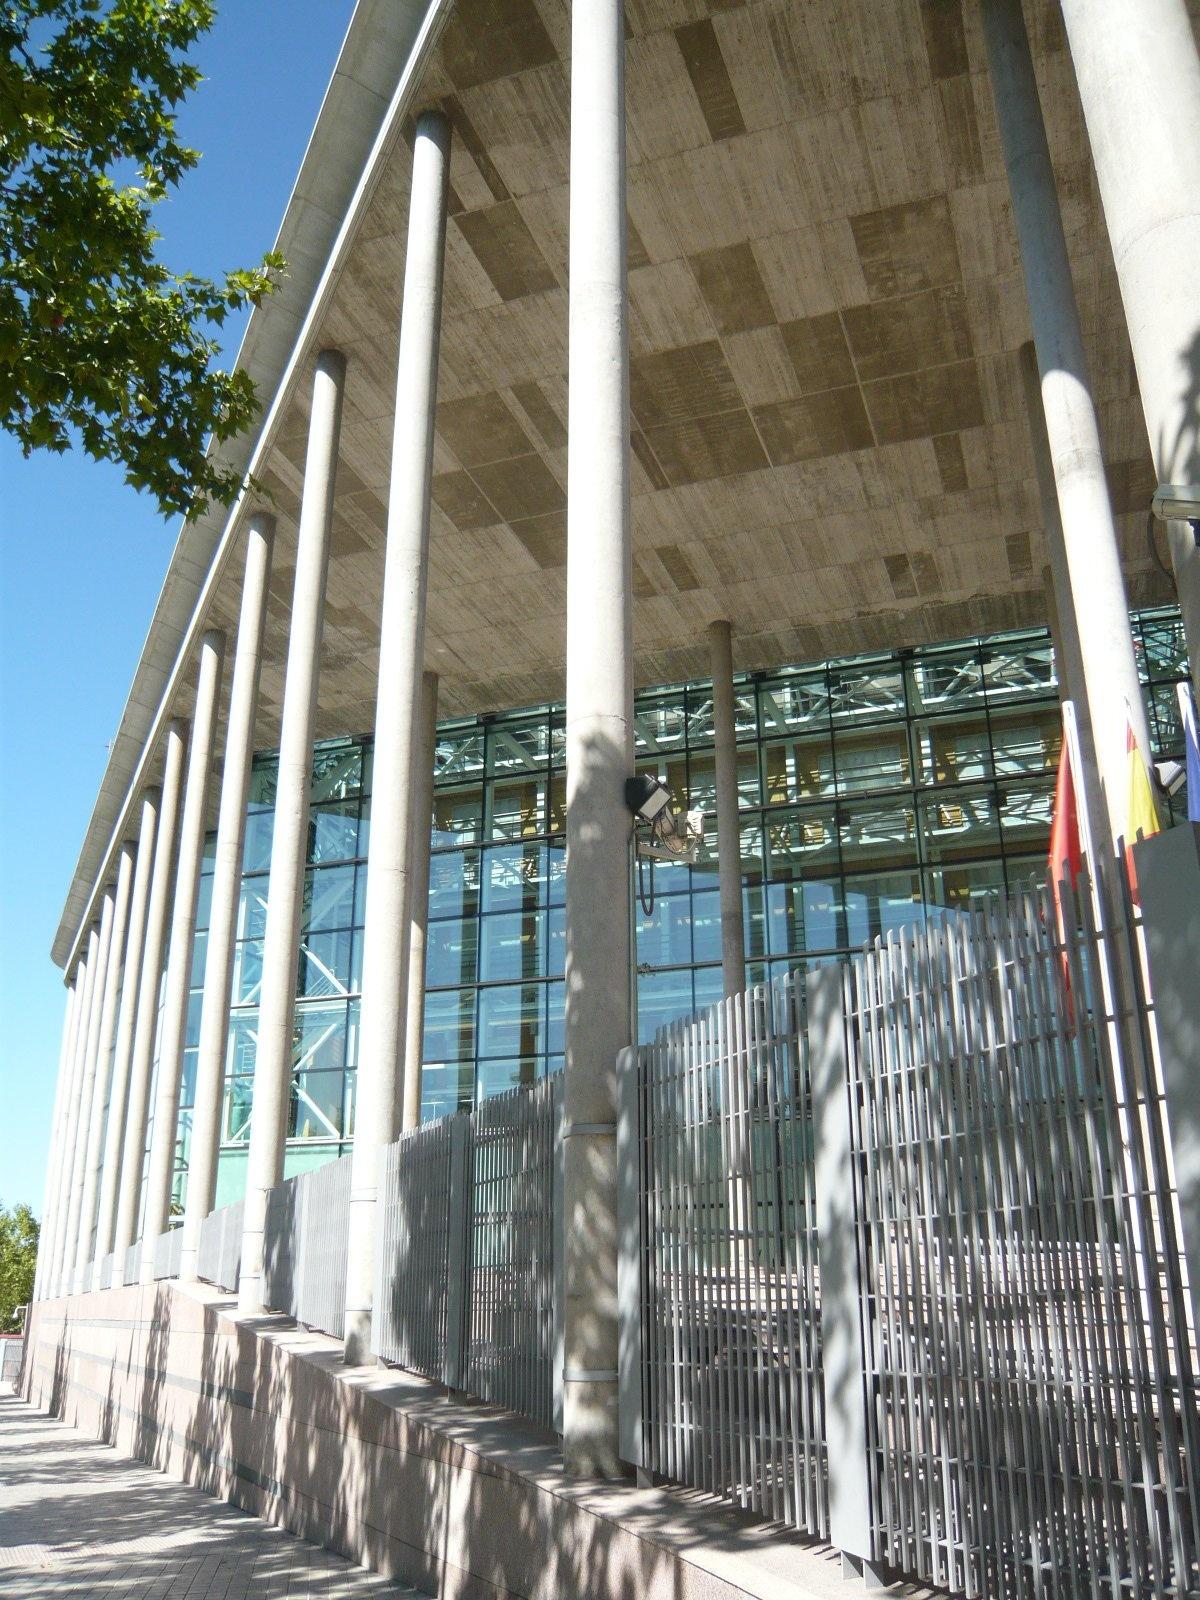 La Asamblea adjudica por 19.700 euros cuatro de los seis coches que había sacado a subasta